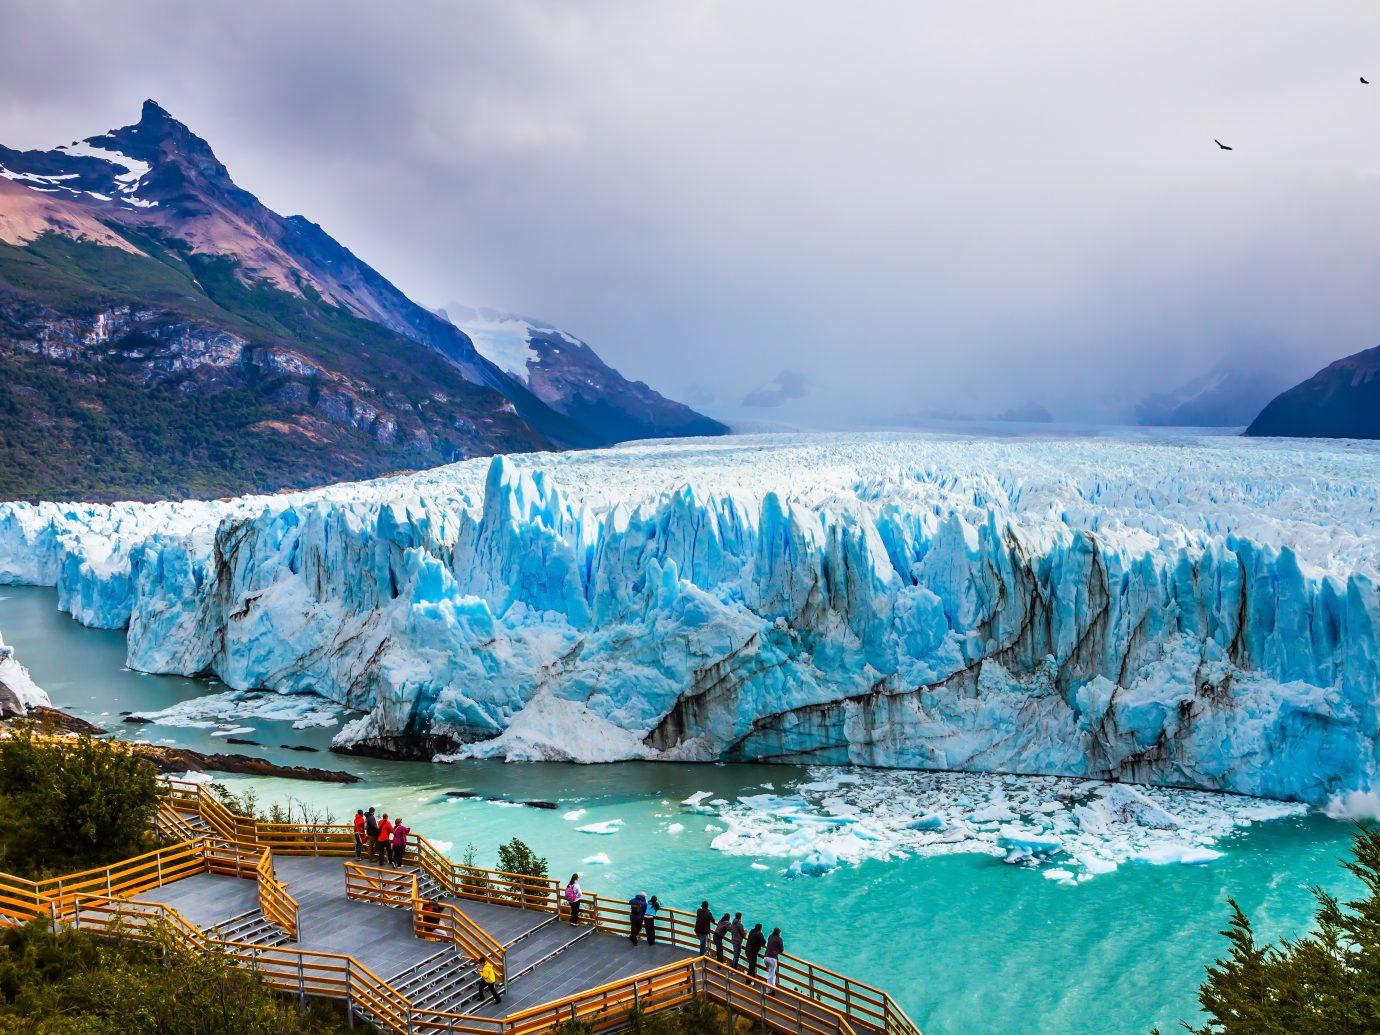 Grandiose glacier Perito Moreno in the Argentine part of Patagonia.